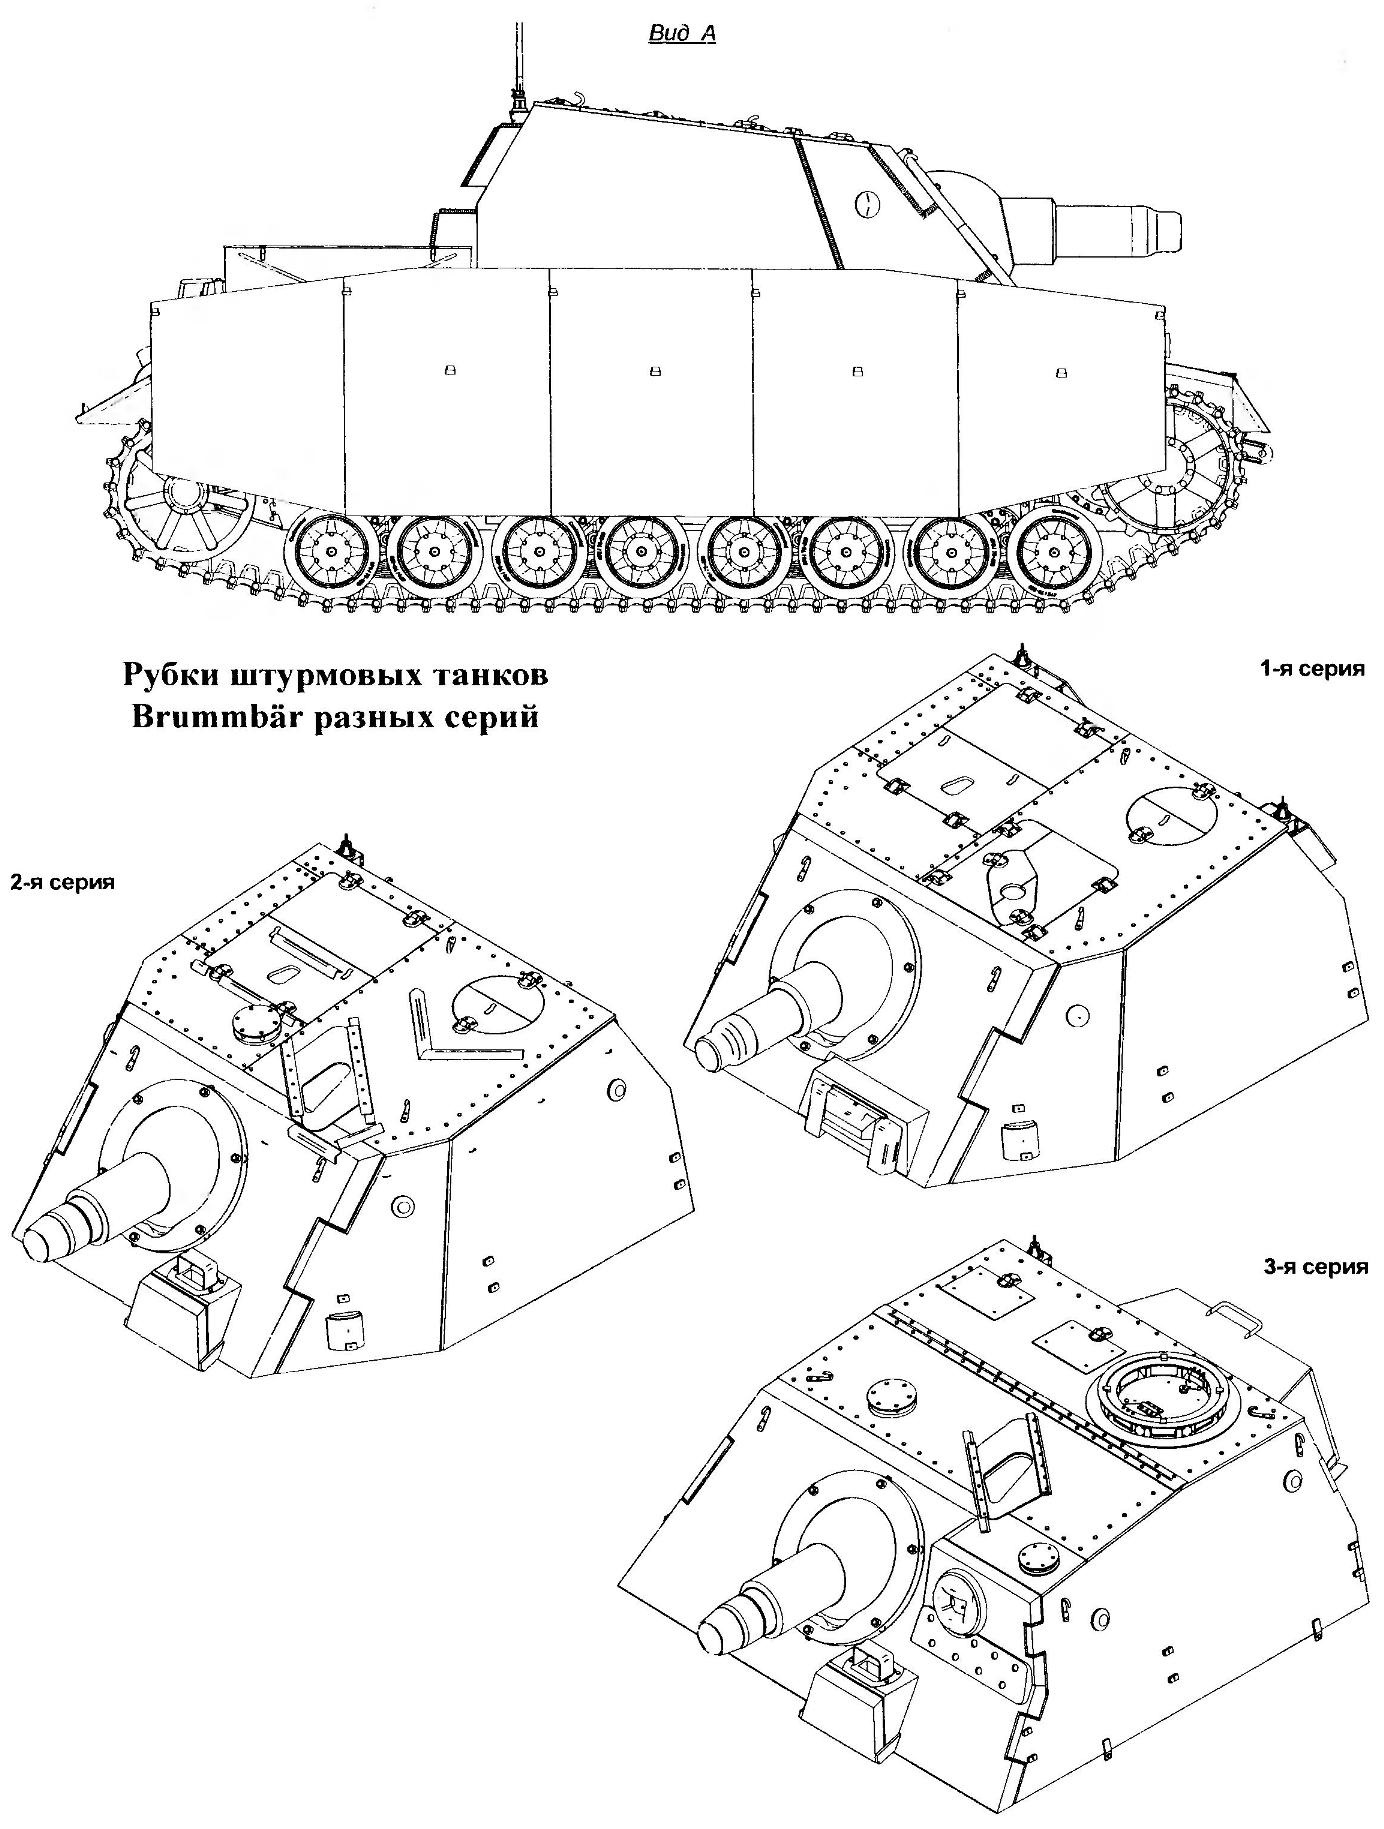 Logging Brummbär assault tanks of different series